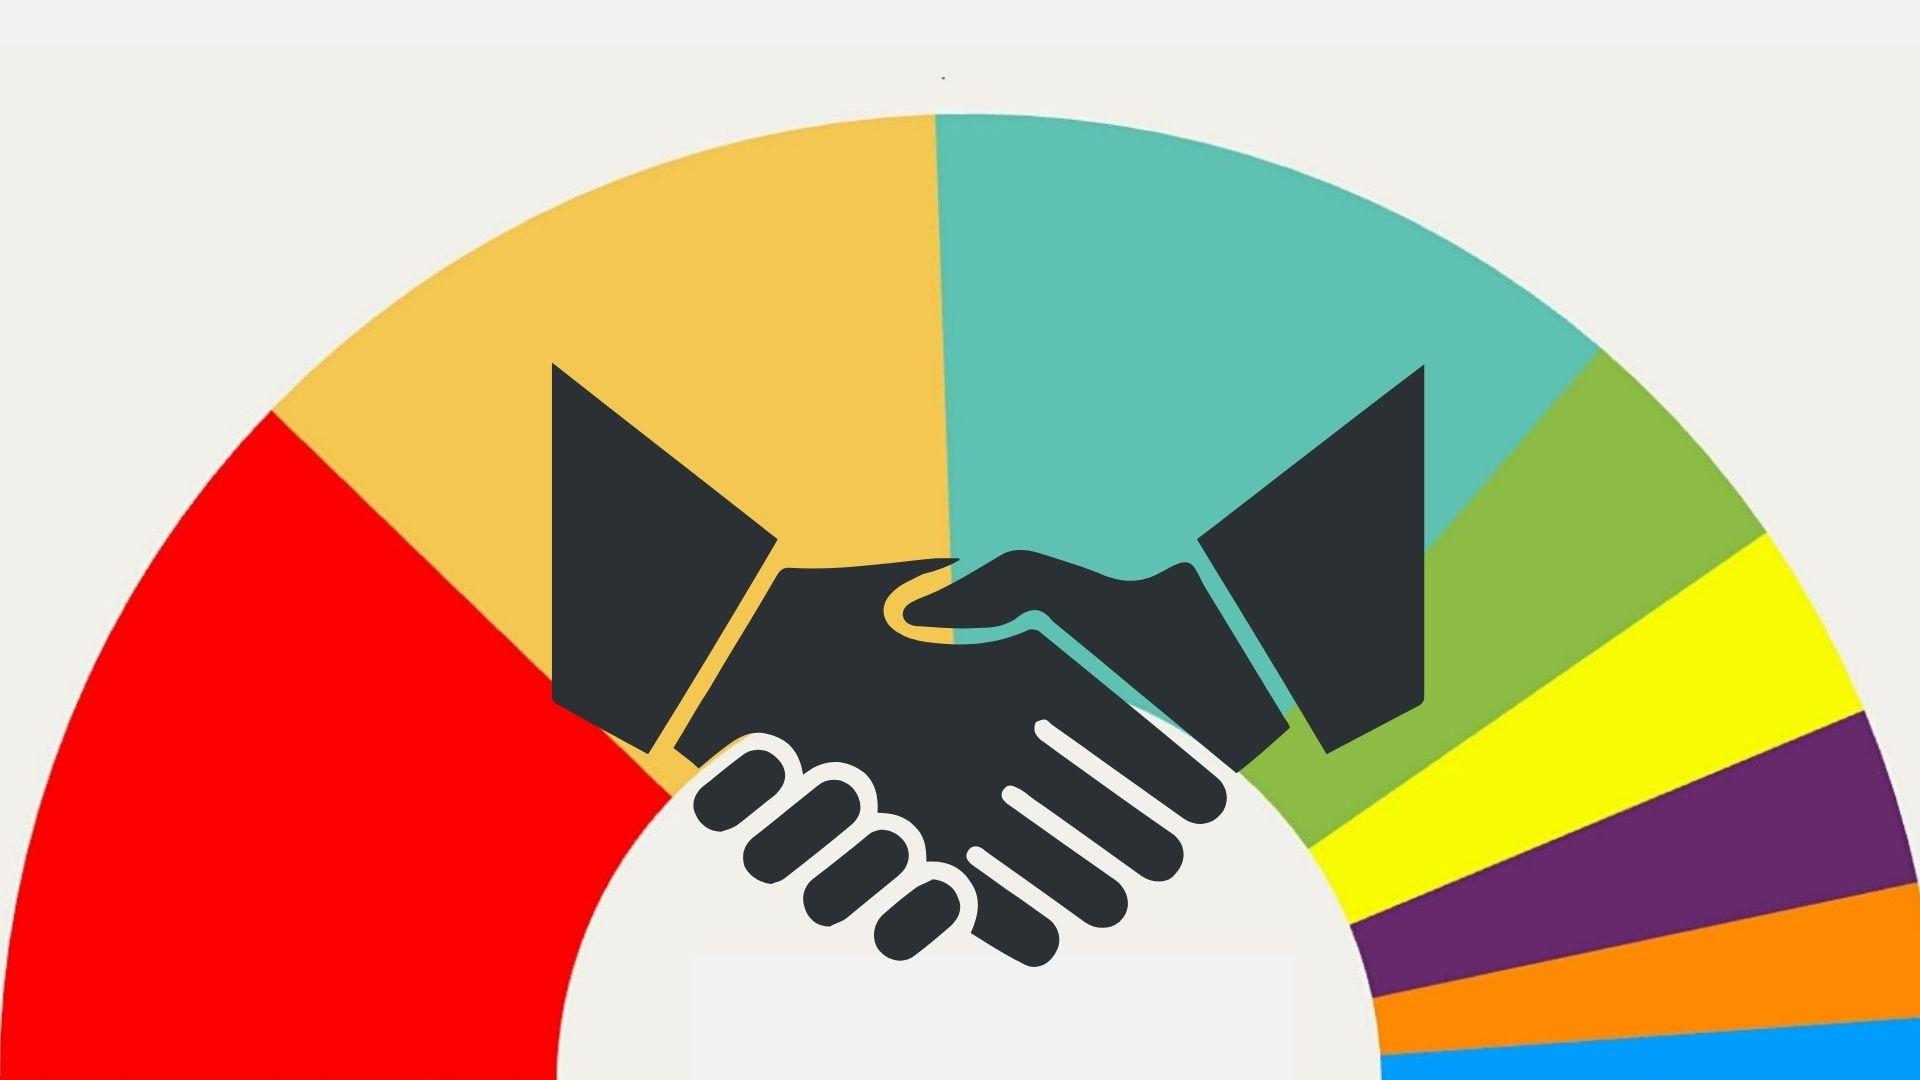 pactes eleccions catalunya 2021 14f